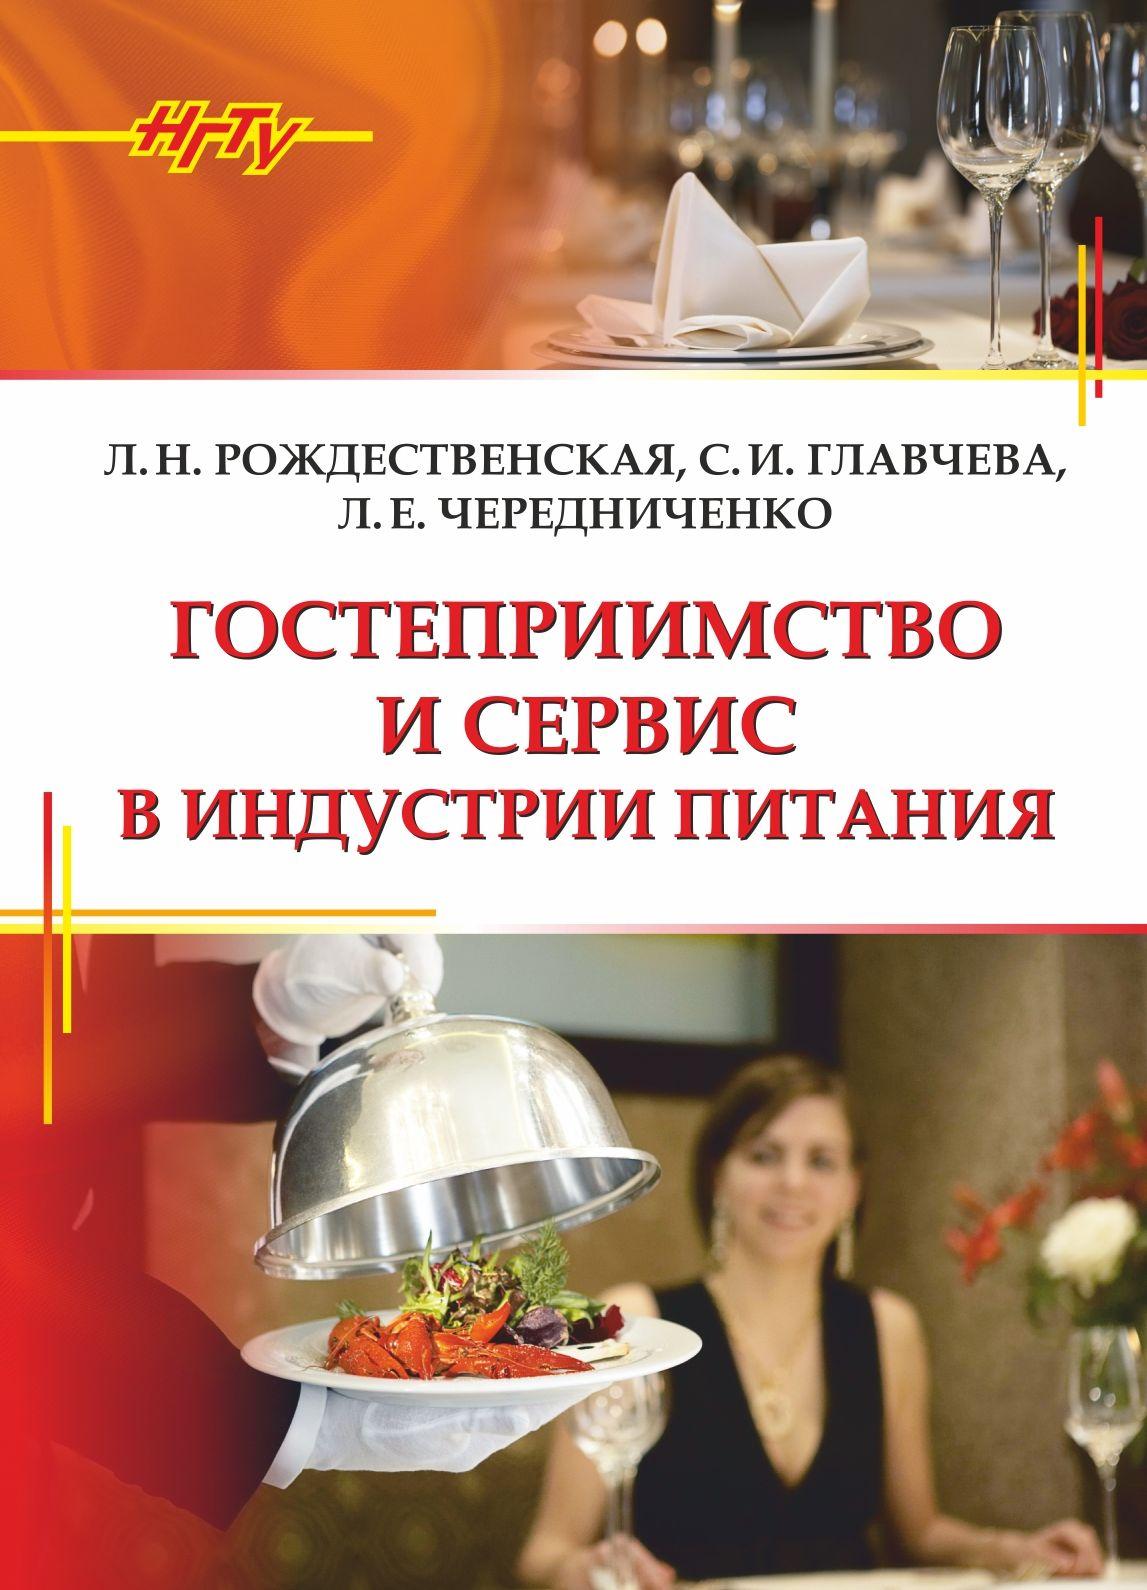 Гостеприимство и сервис в индустрии питания